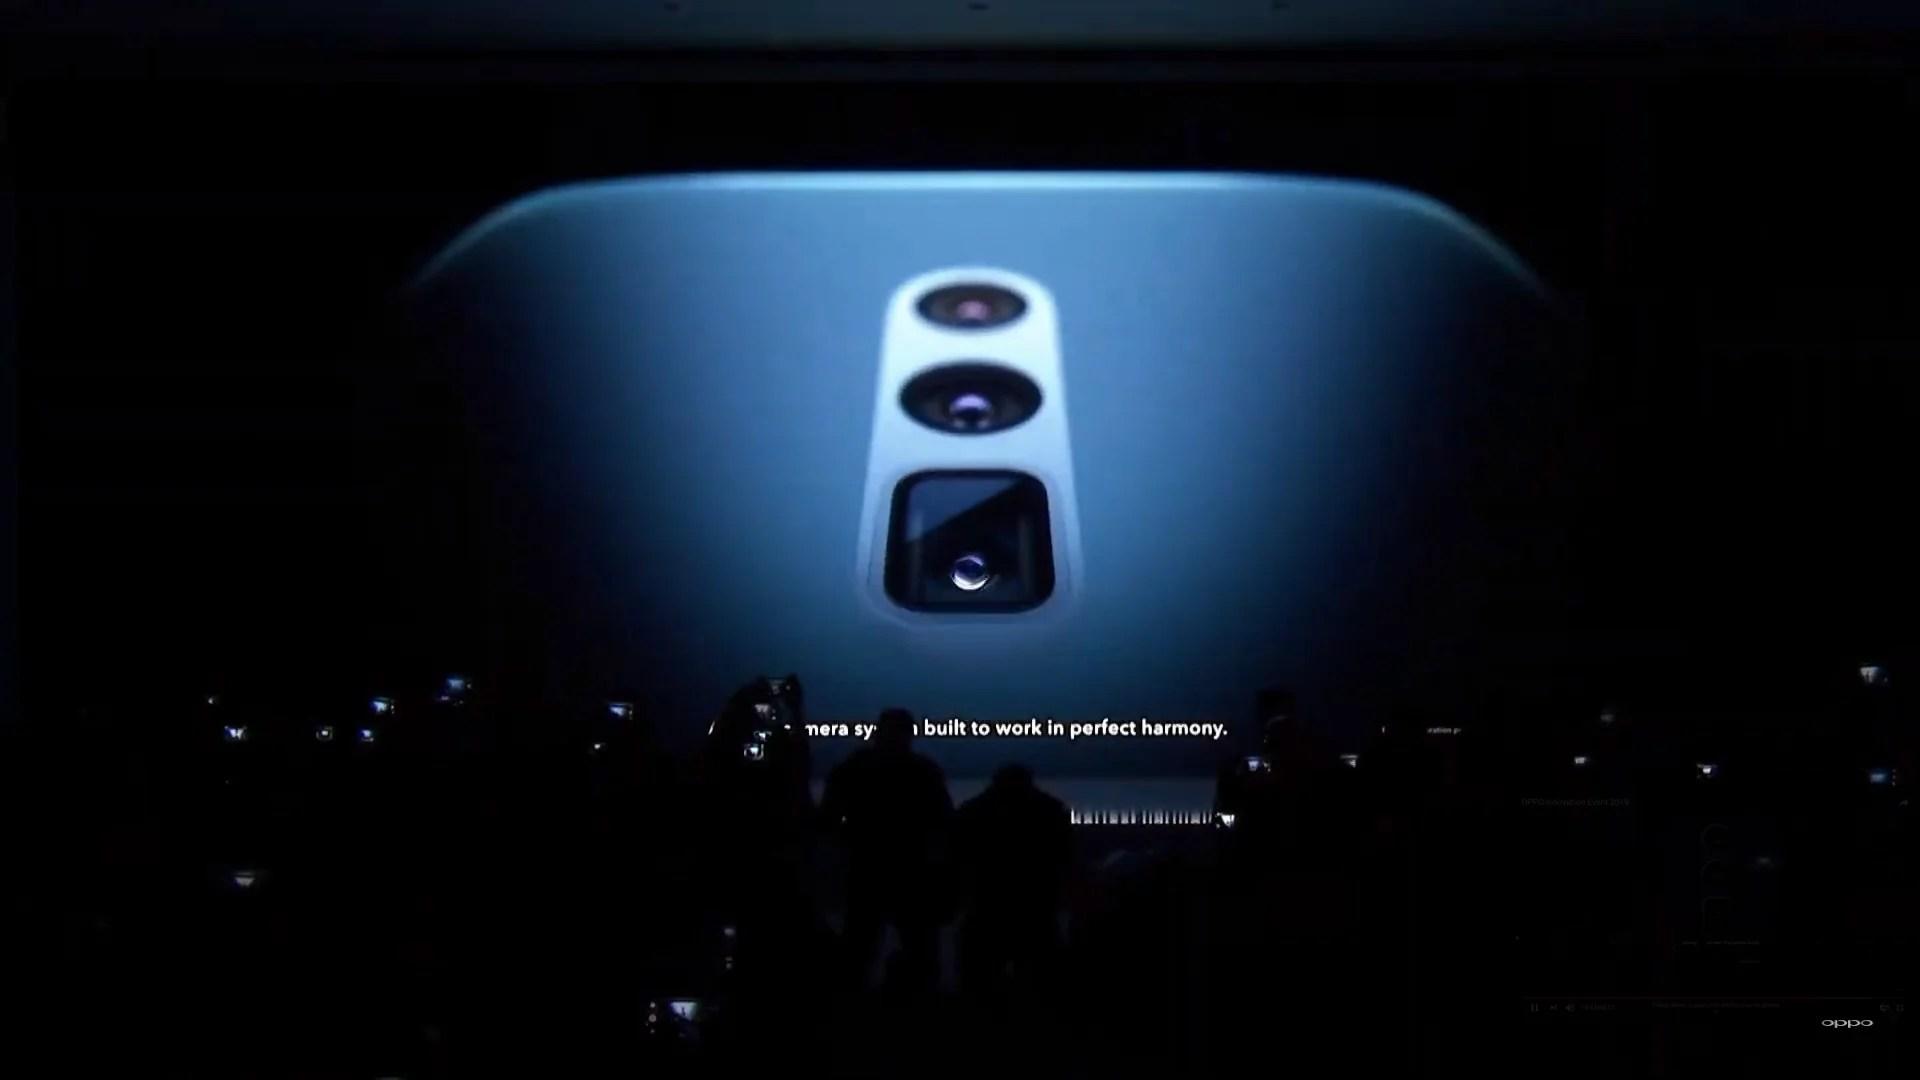 Zoom x10 d'Oppo : le 1er smartphone équipé très bientôt commercialisé – MWC 2019